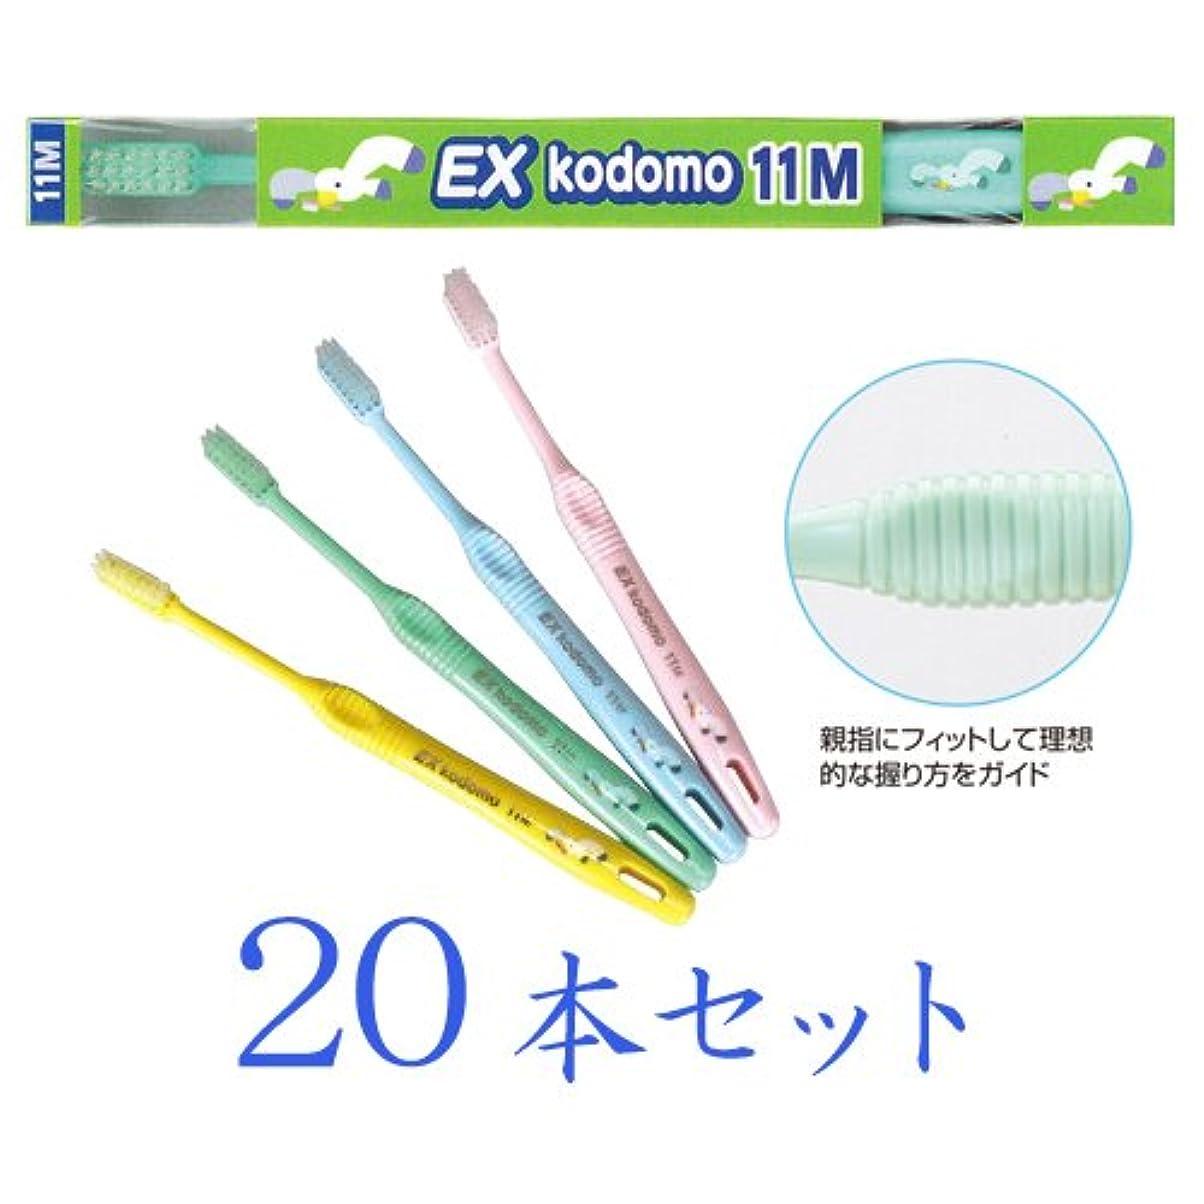 膨らませる印象ライラックライオン DENT.EX コドモ歯ブラシ 20本入 11M(混合歯列後期用?8~12歳)(カモメ)